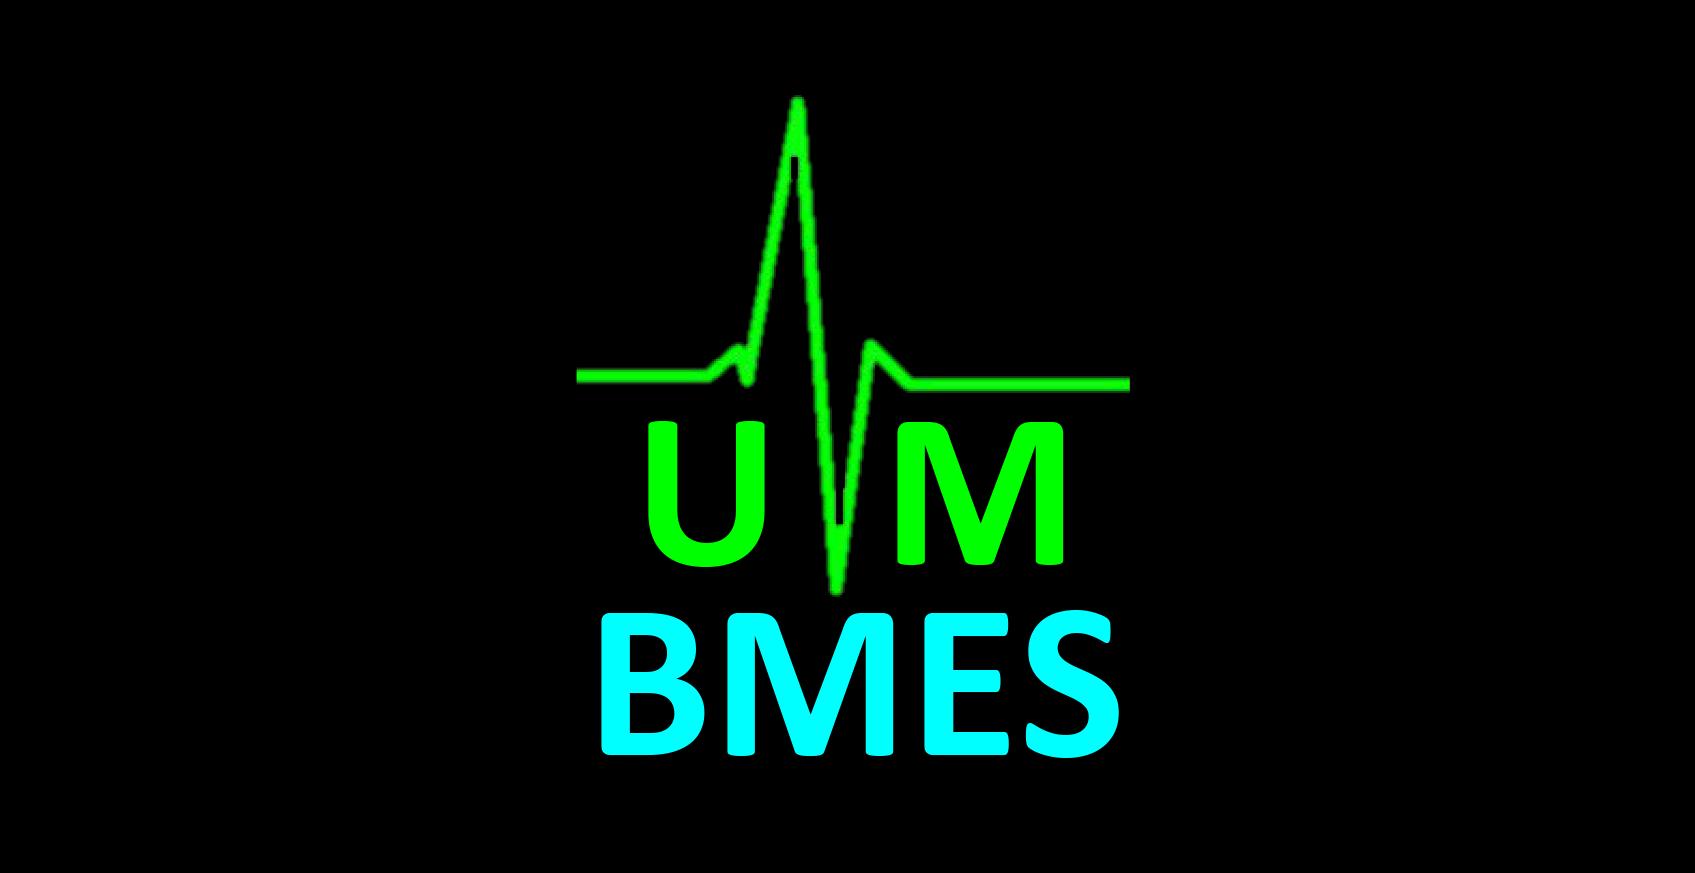 UVM BMES